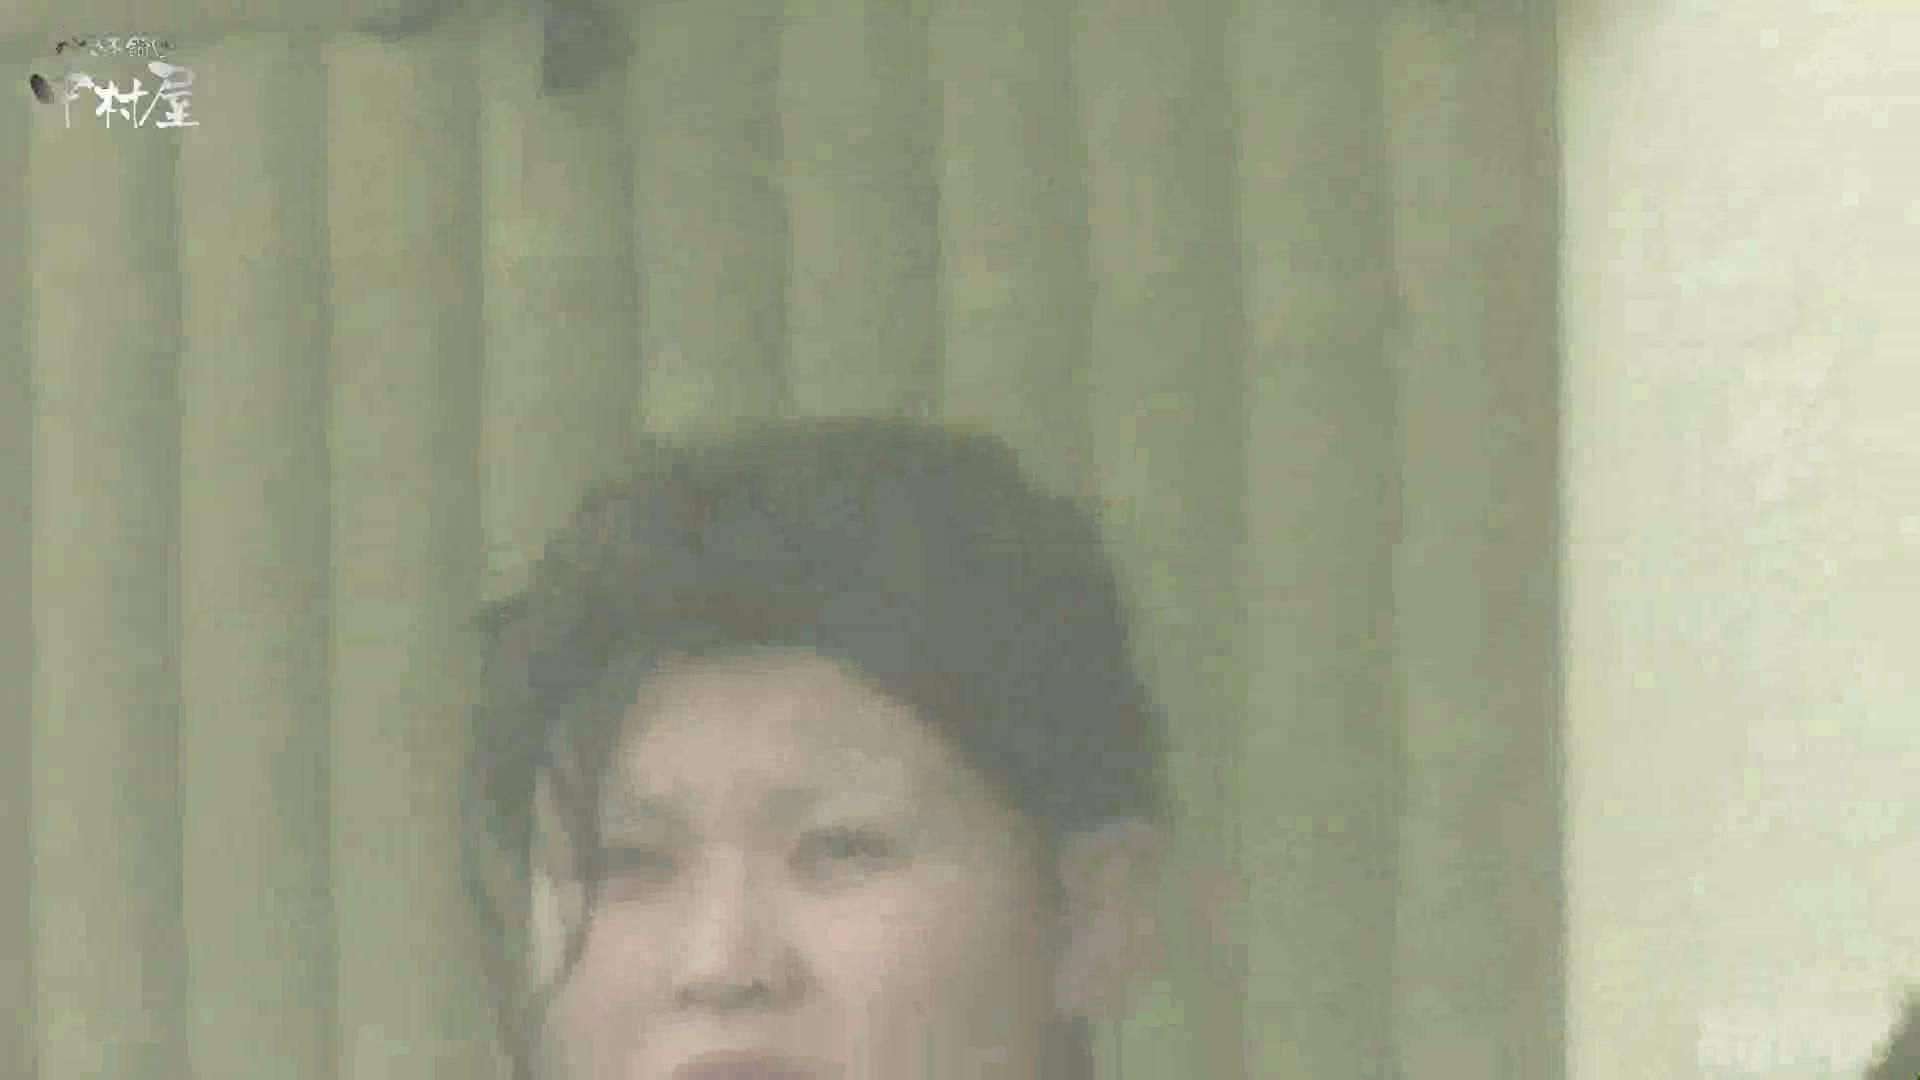 Aquaな露天風呂Vol.872潜入盗撮露天風呂八判湯 其の五 盗撮シリーズ   潜入  101PIX 61